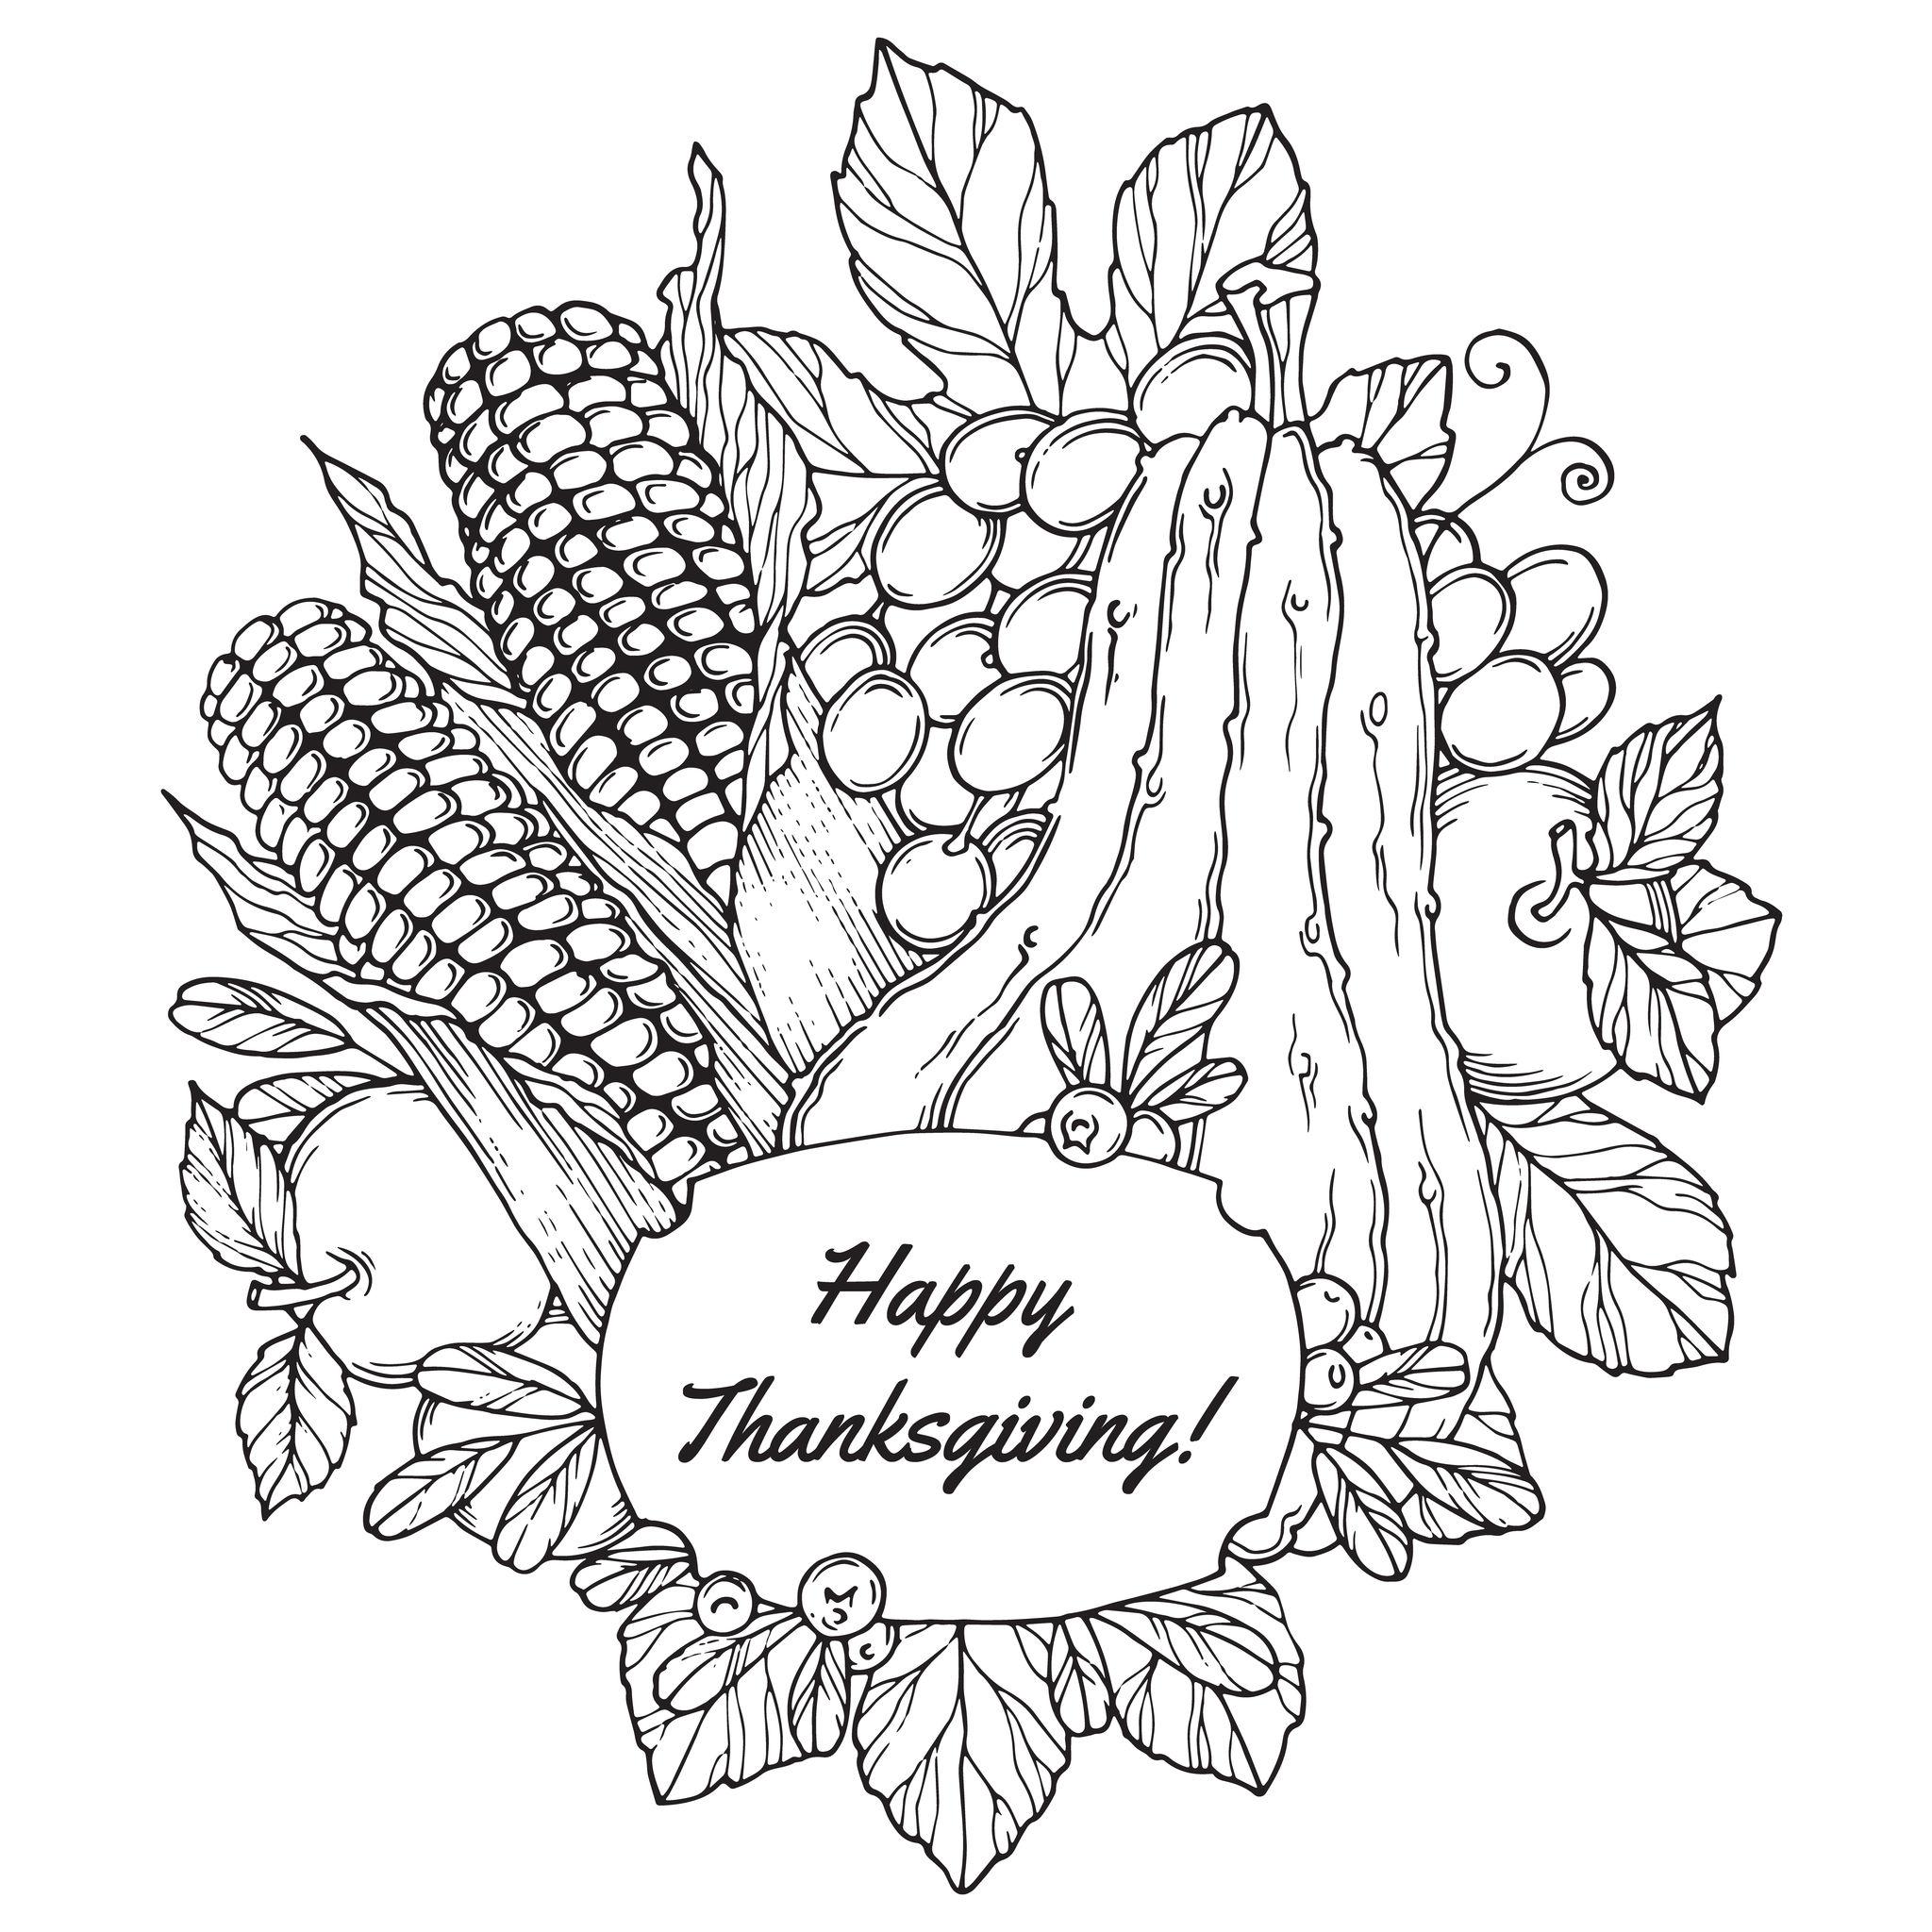 Bon appétit pour la Thanksgiving !